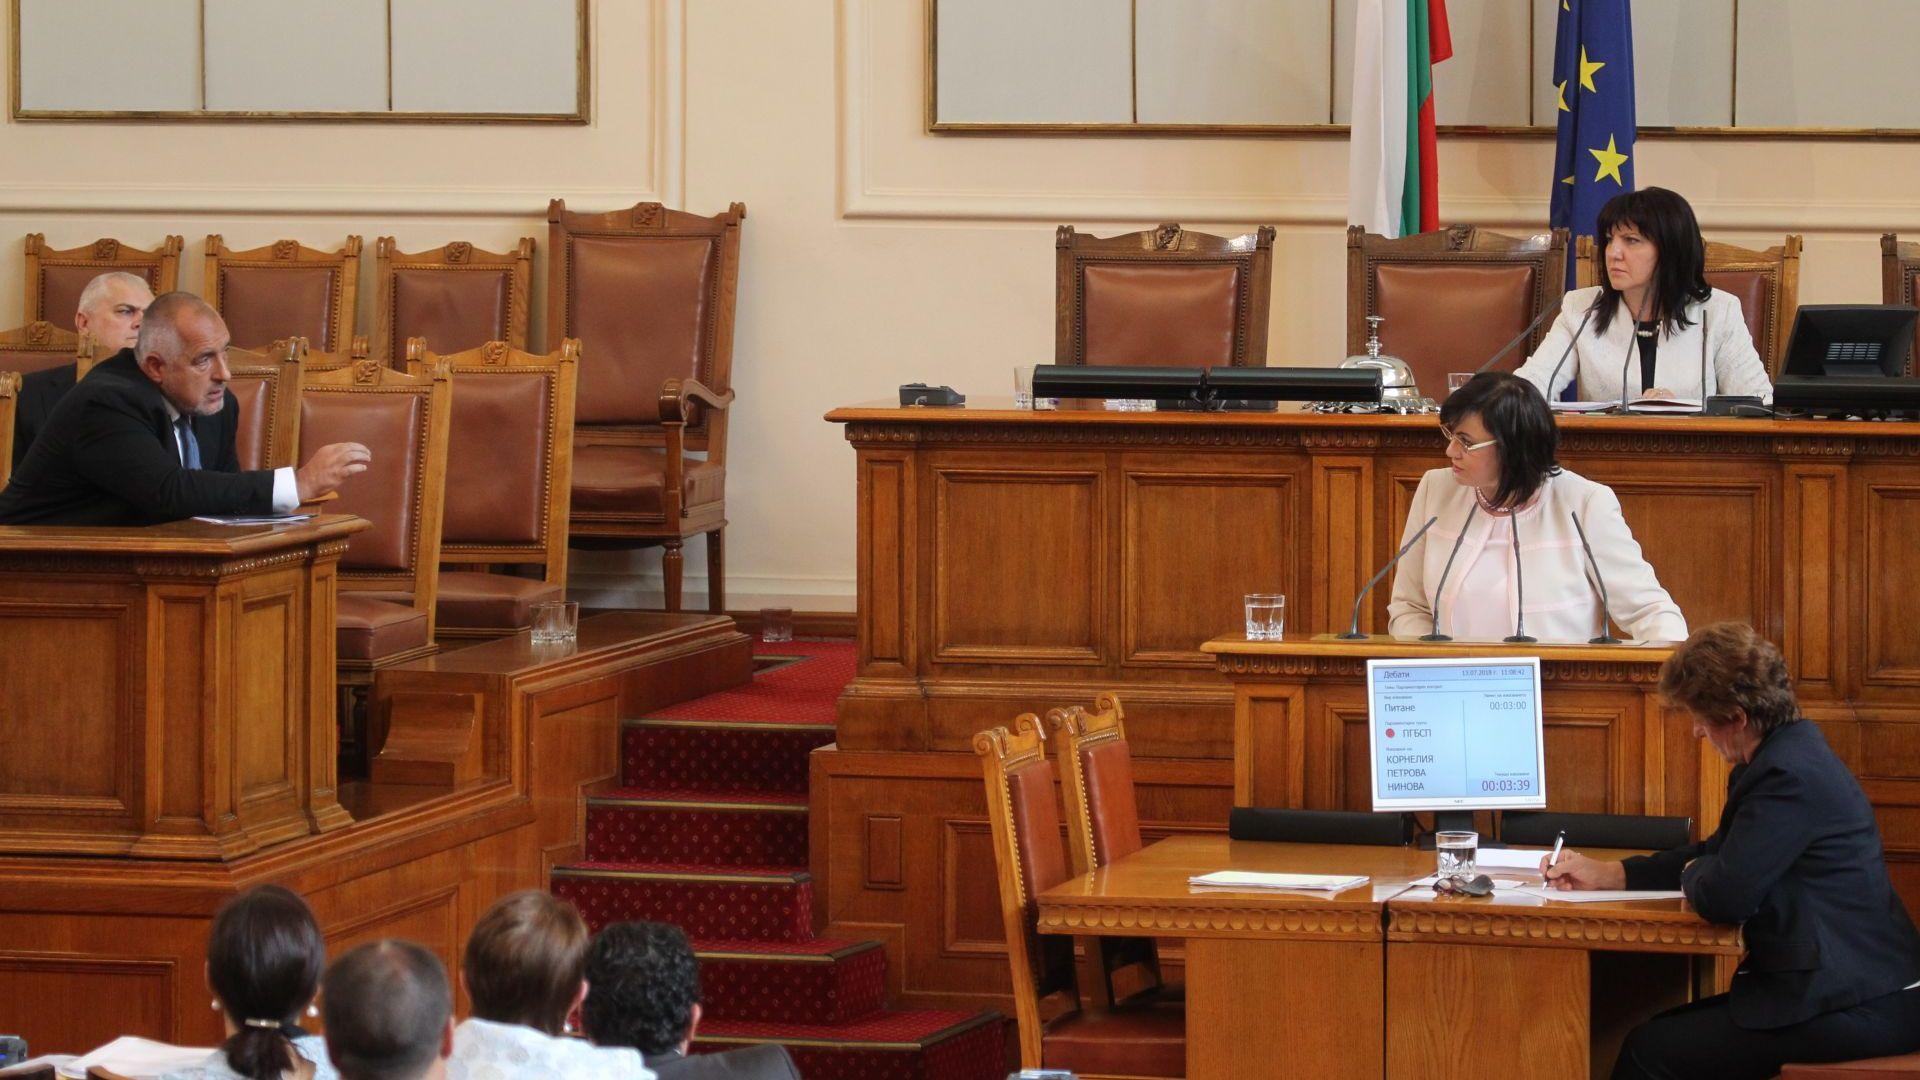 Борисов към Нинова: В ЕС ме нарекоха циничен и брутален, защото не подписах за мигрантите